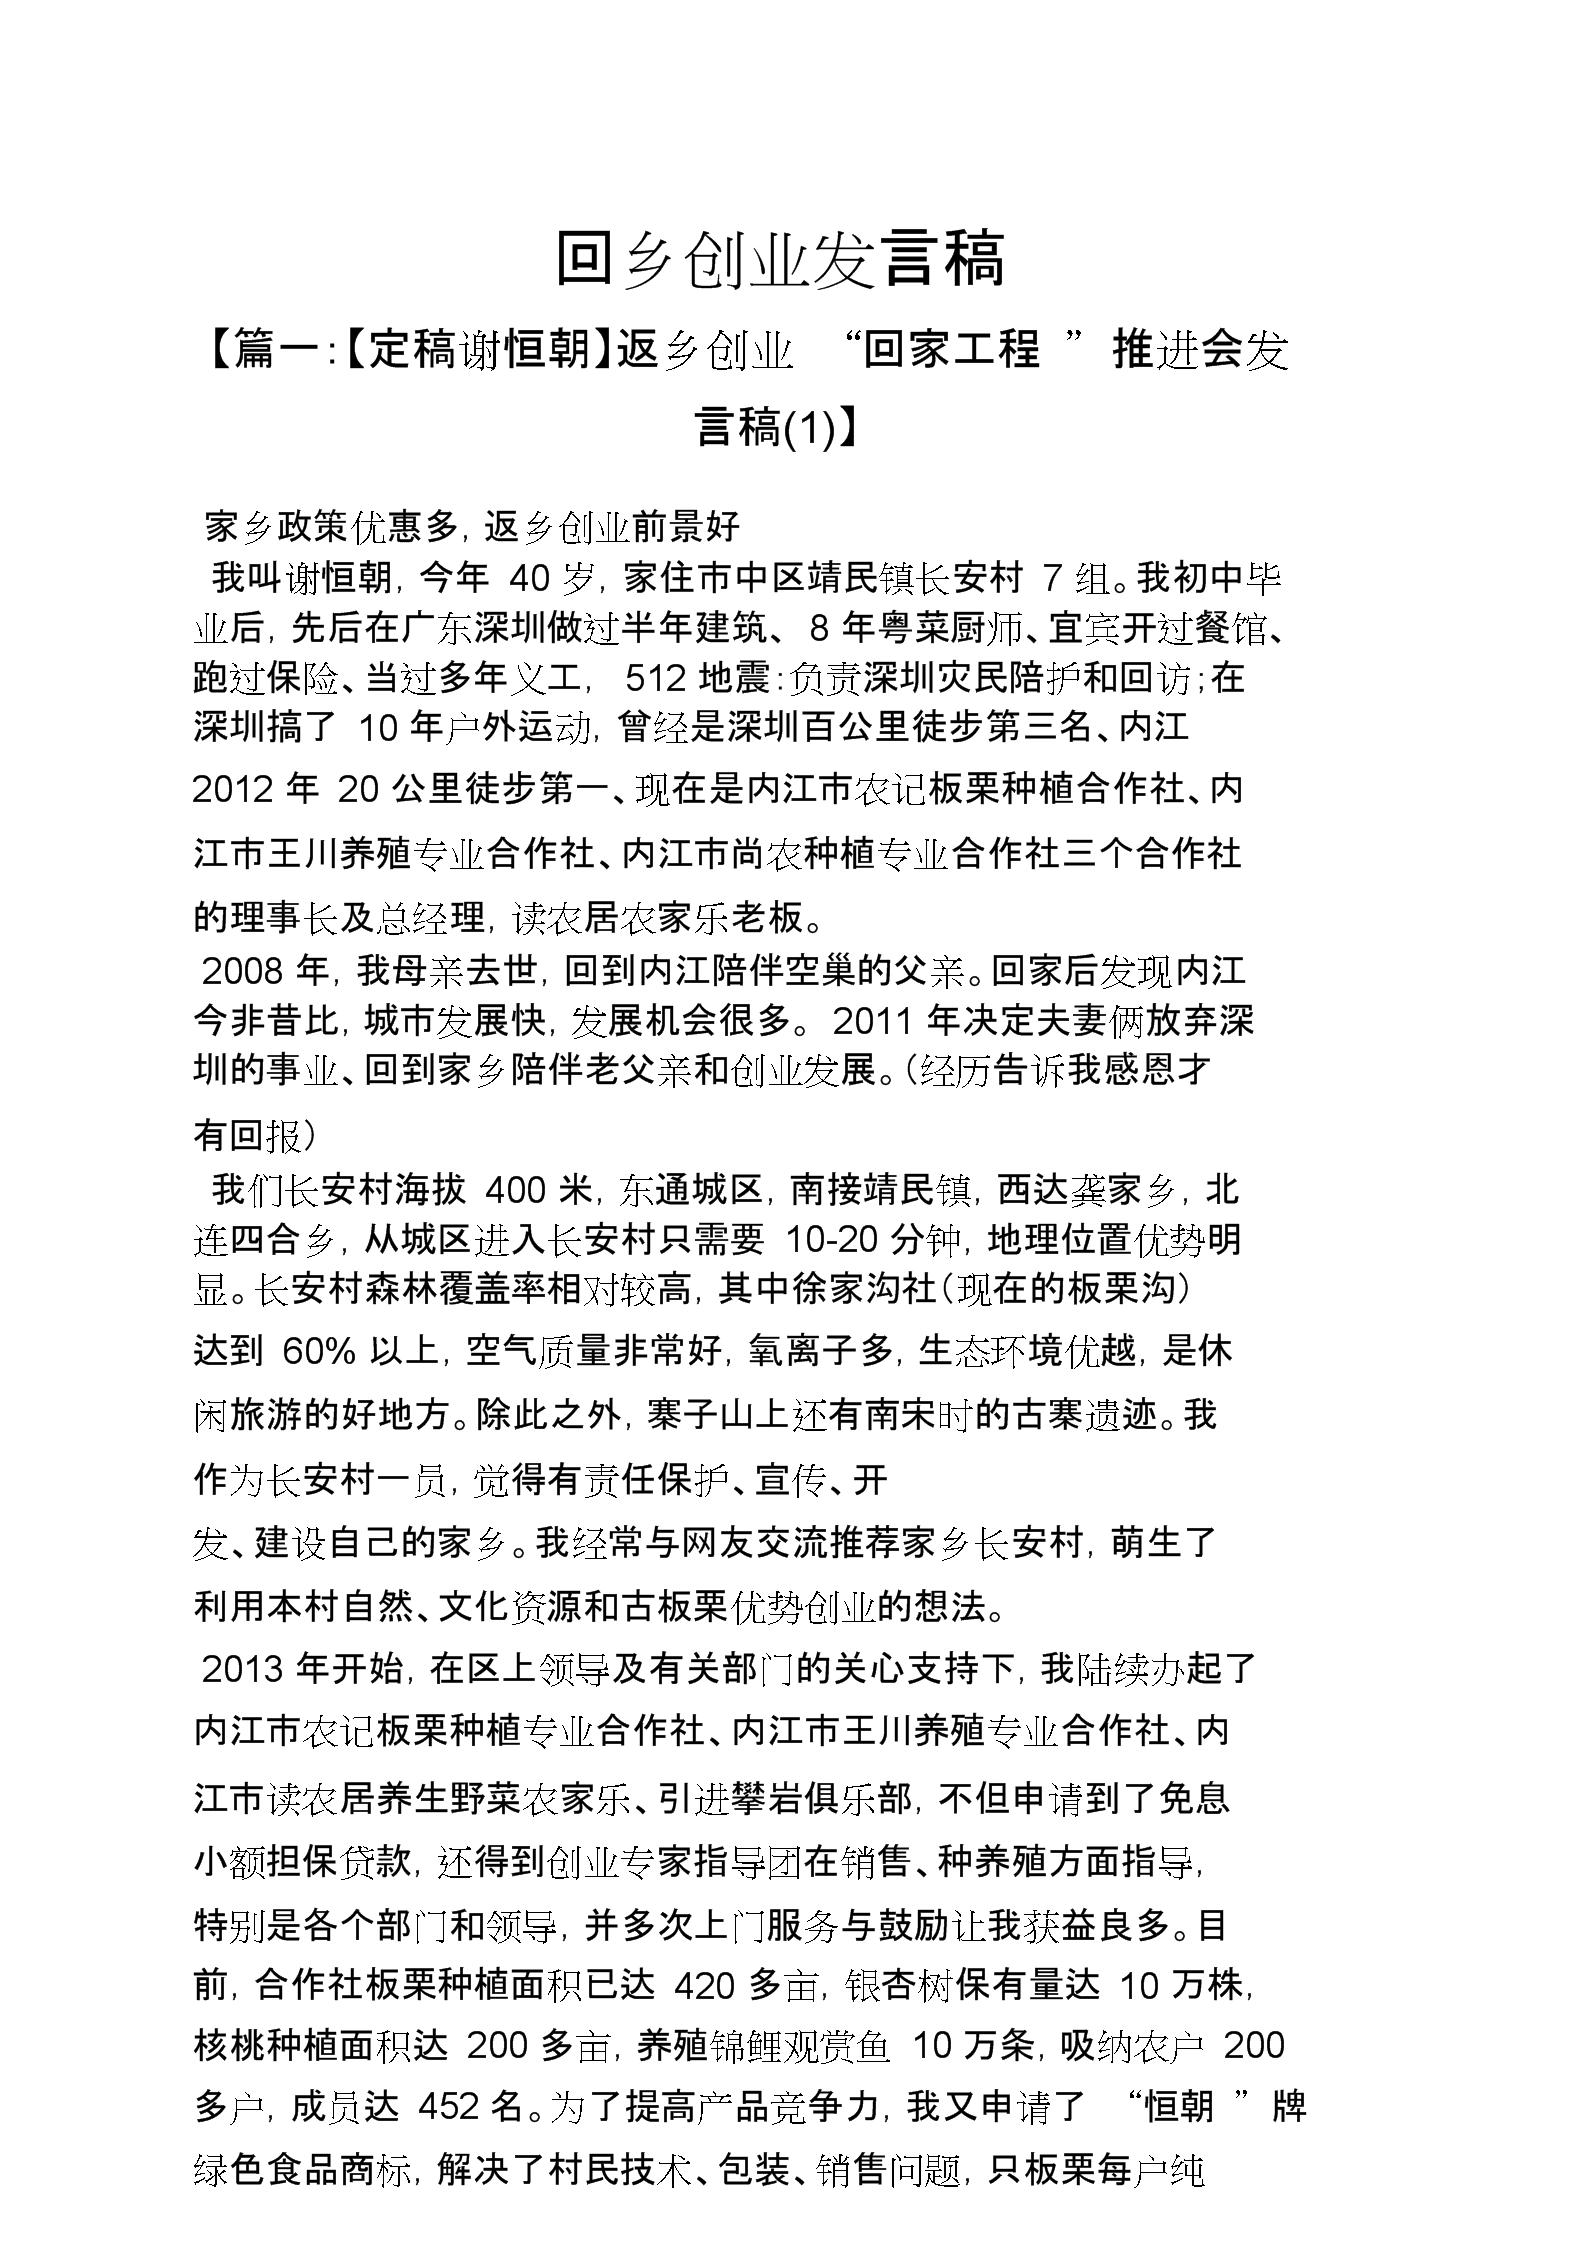 回乡创业发言文稿.doc